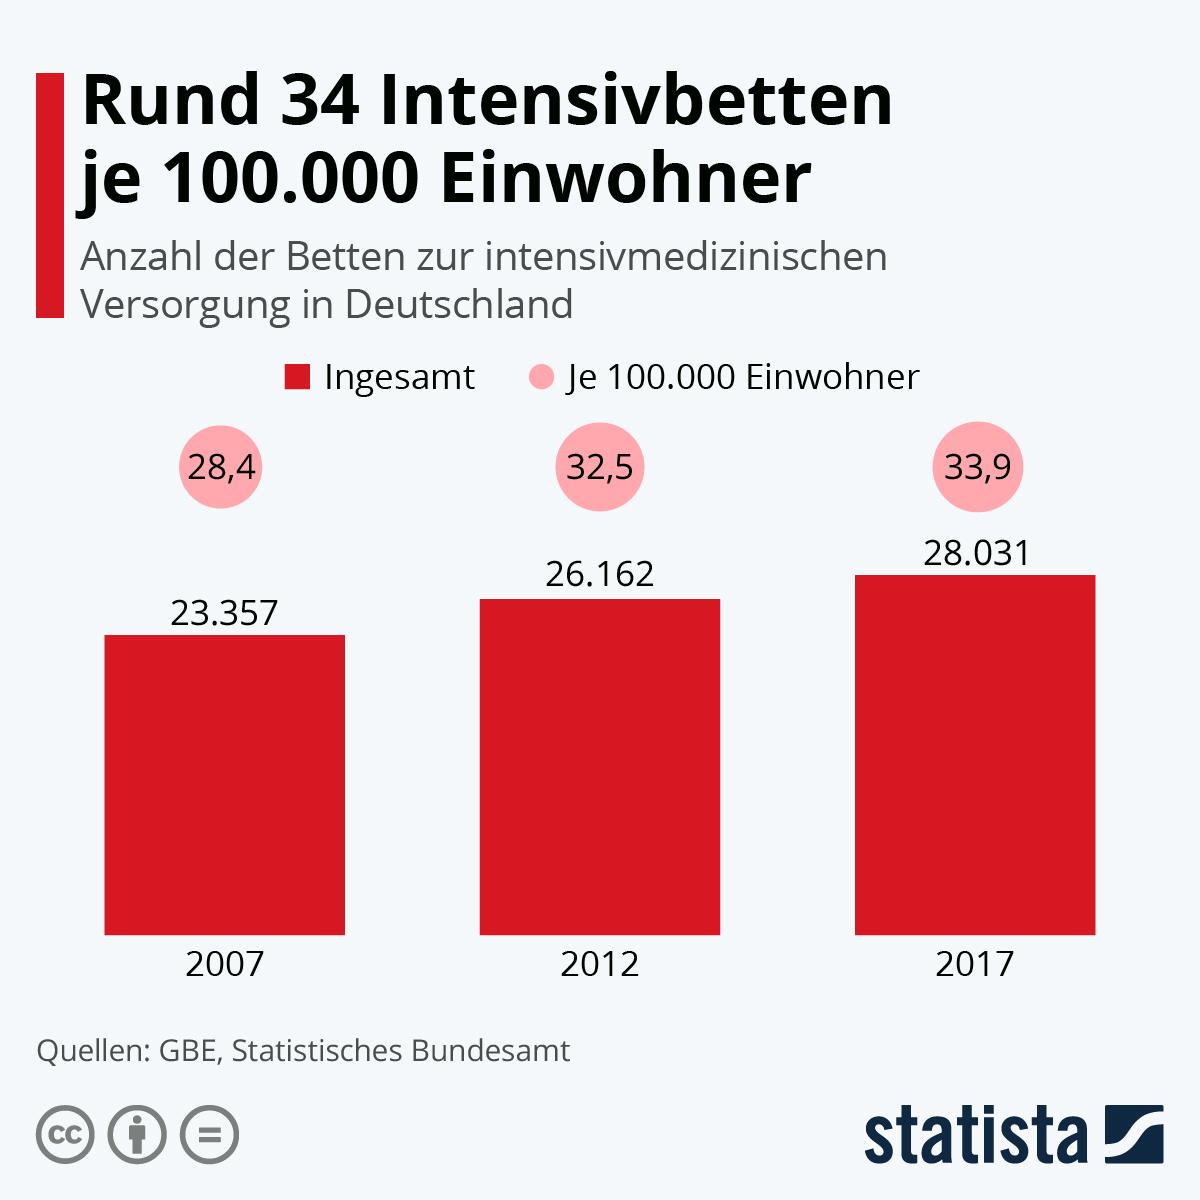 Rund 34 Intensivbetten je 100.000 Einwohner | Statista